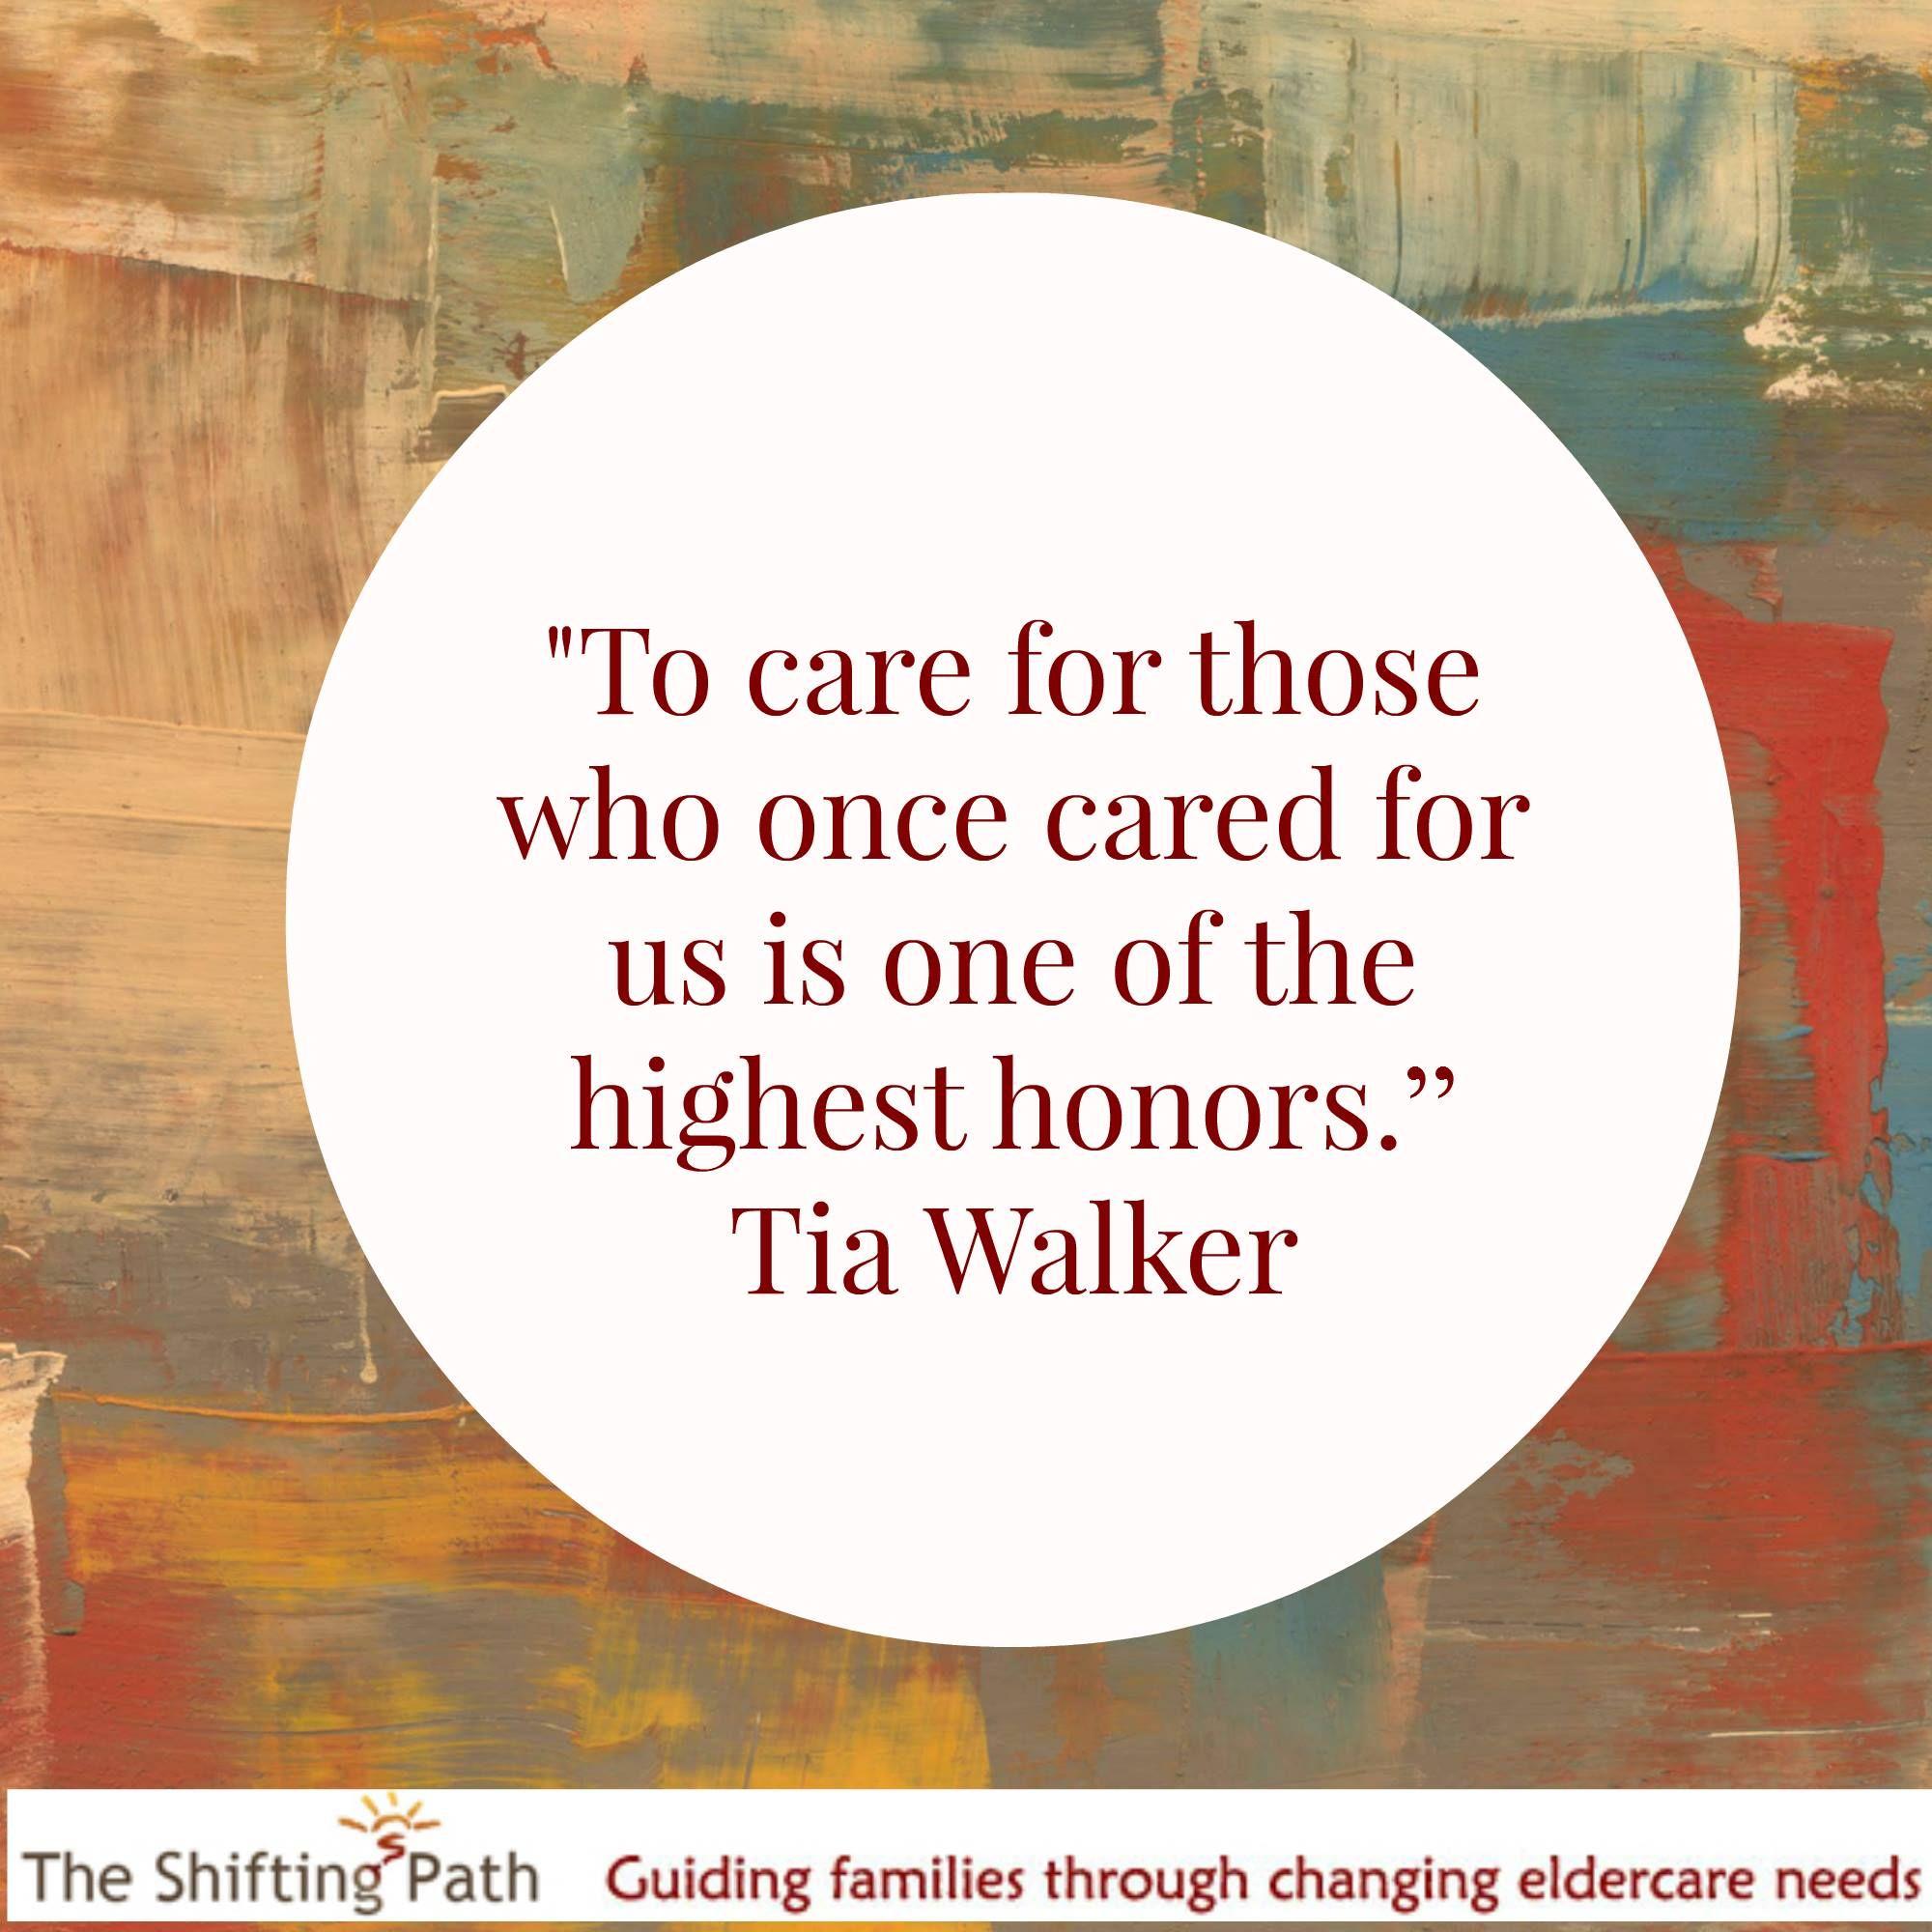 tia walker quote